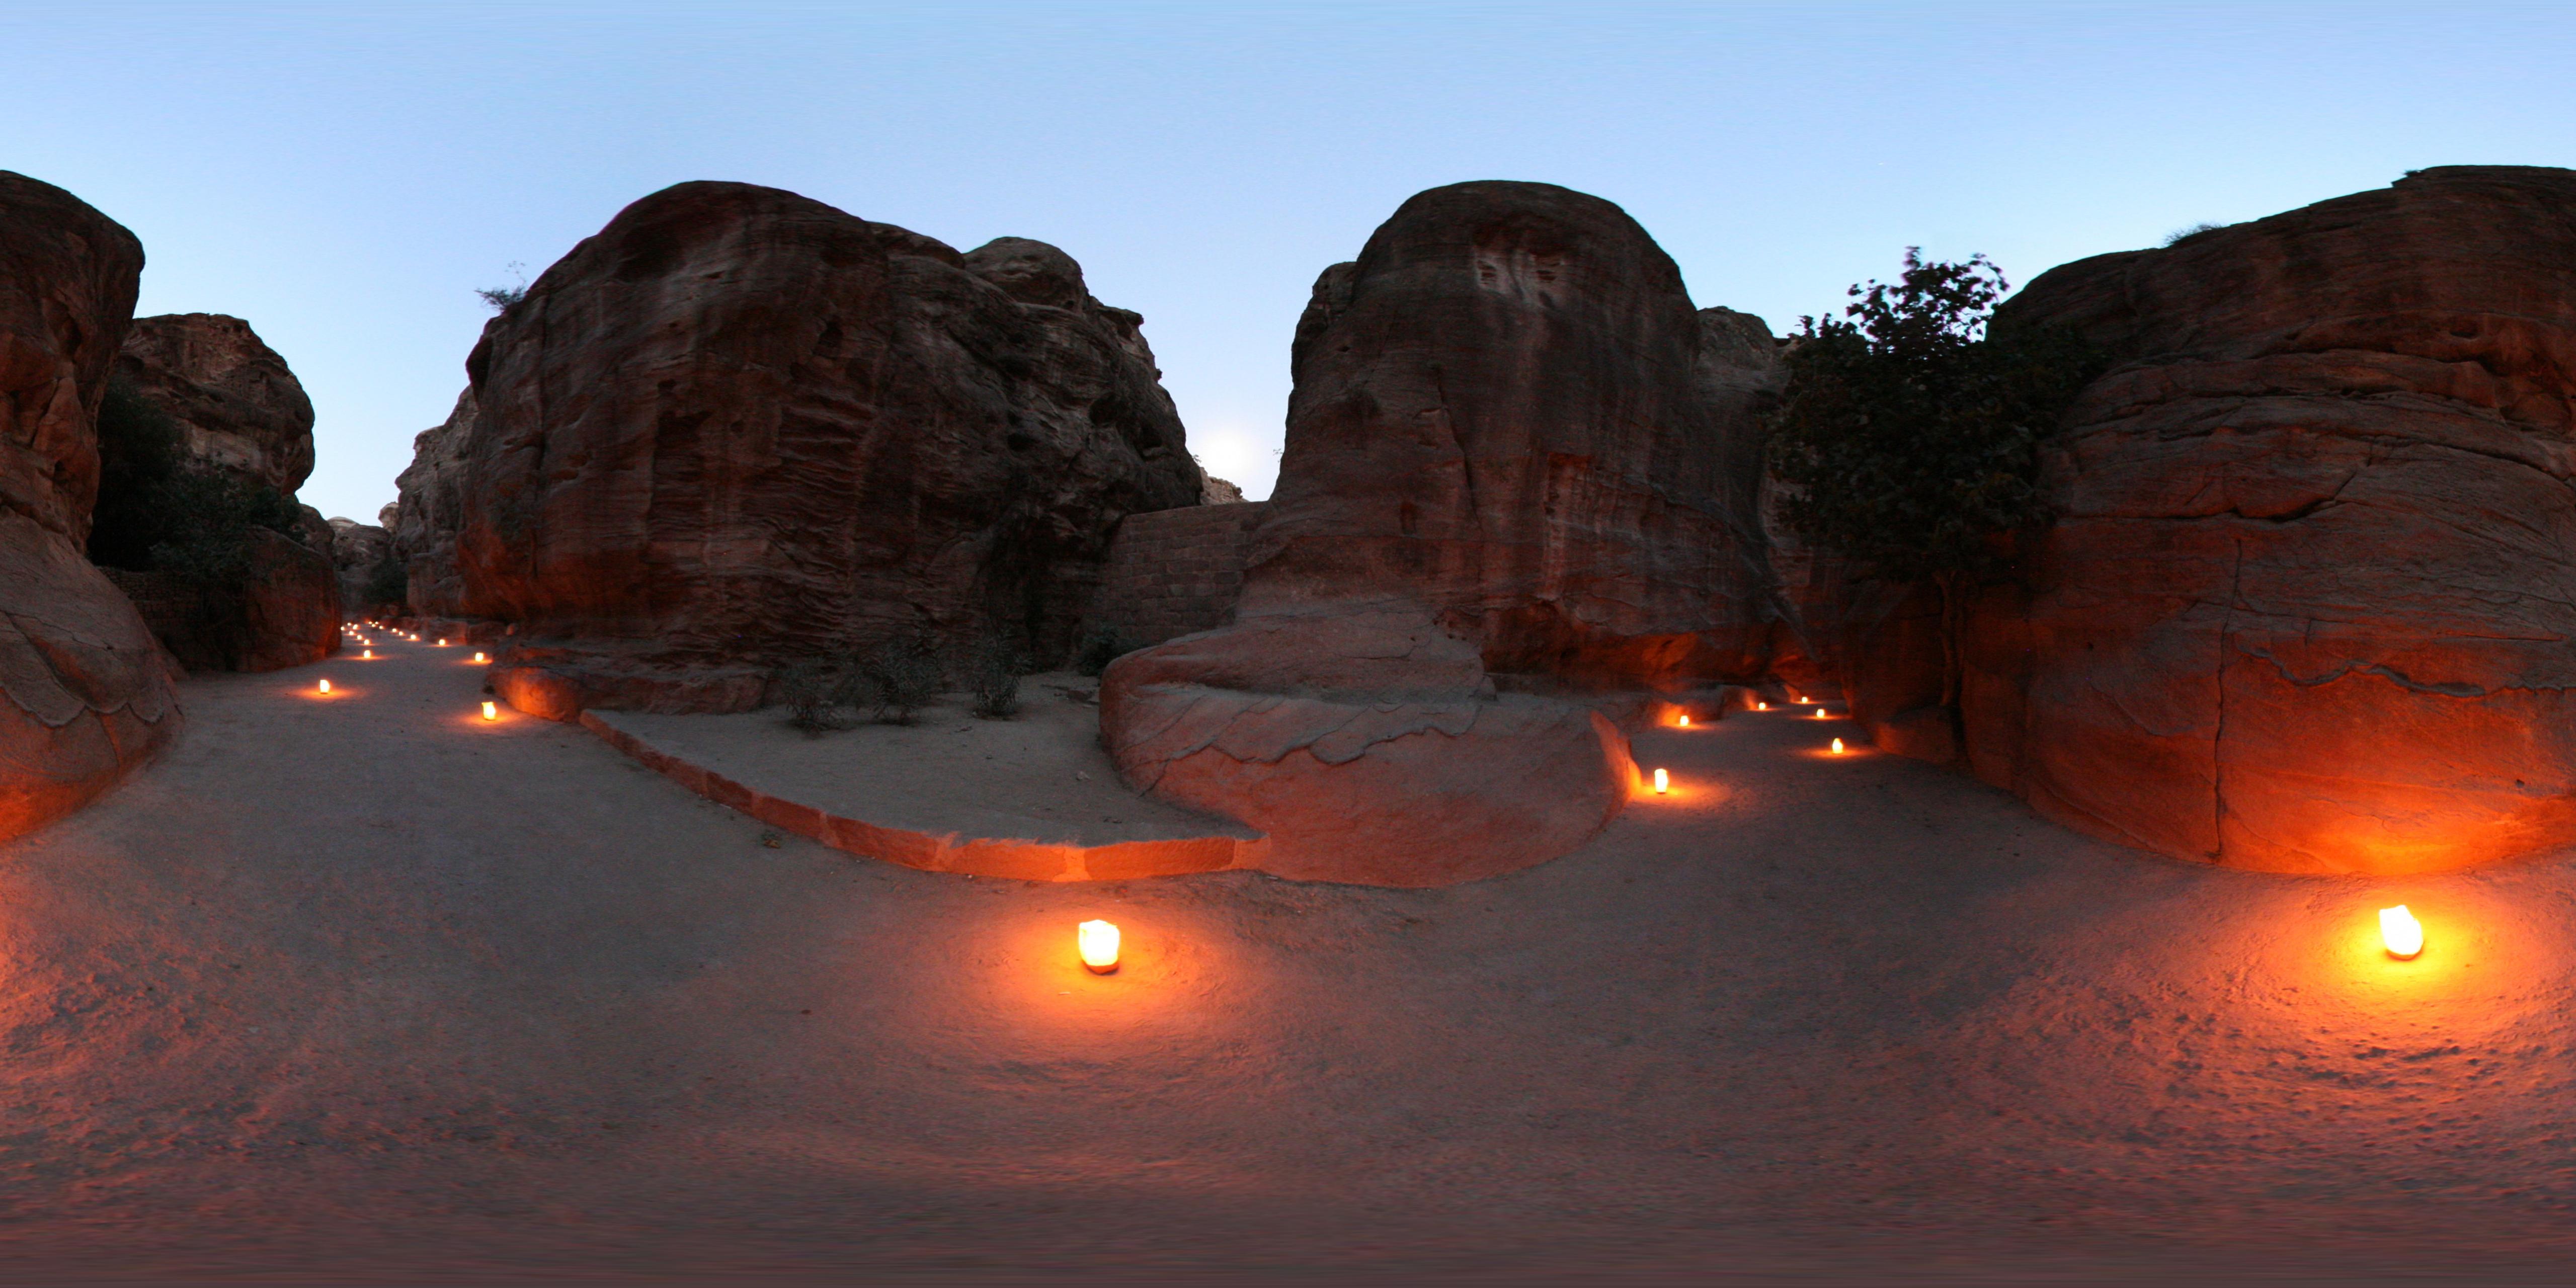 04a Siq Candles